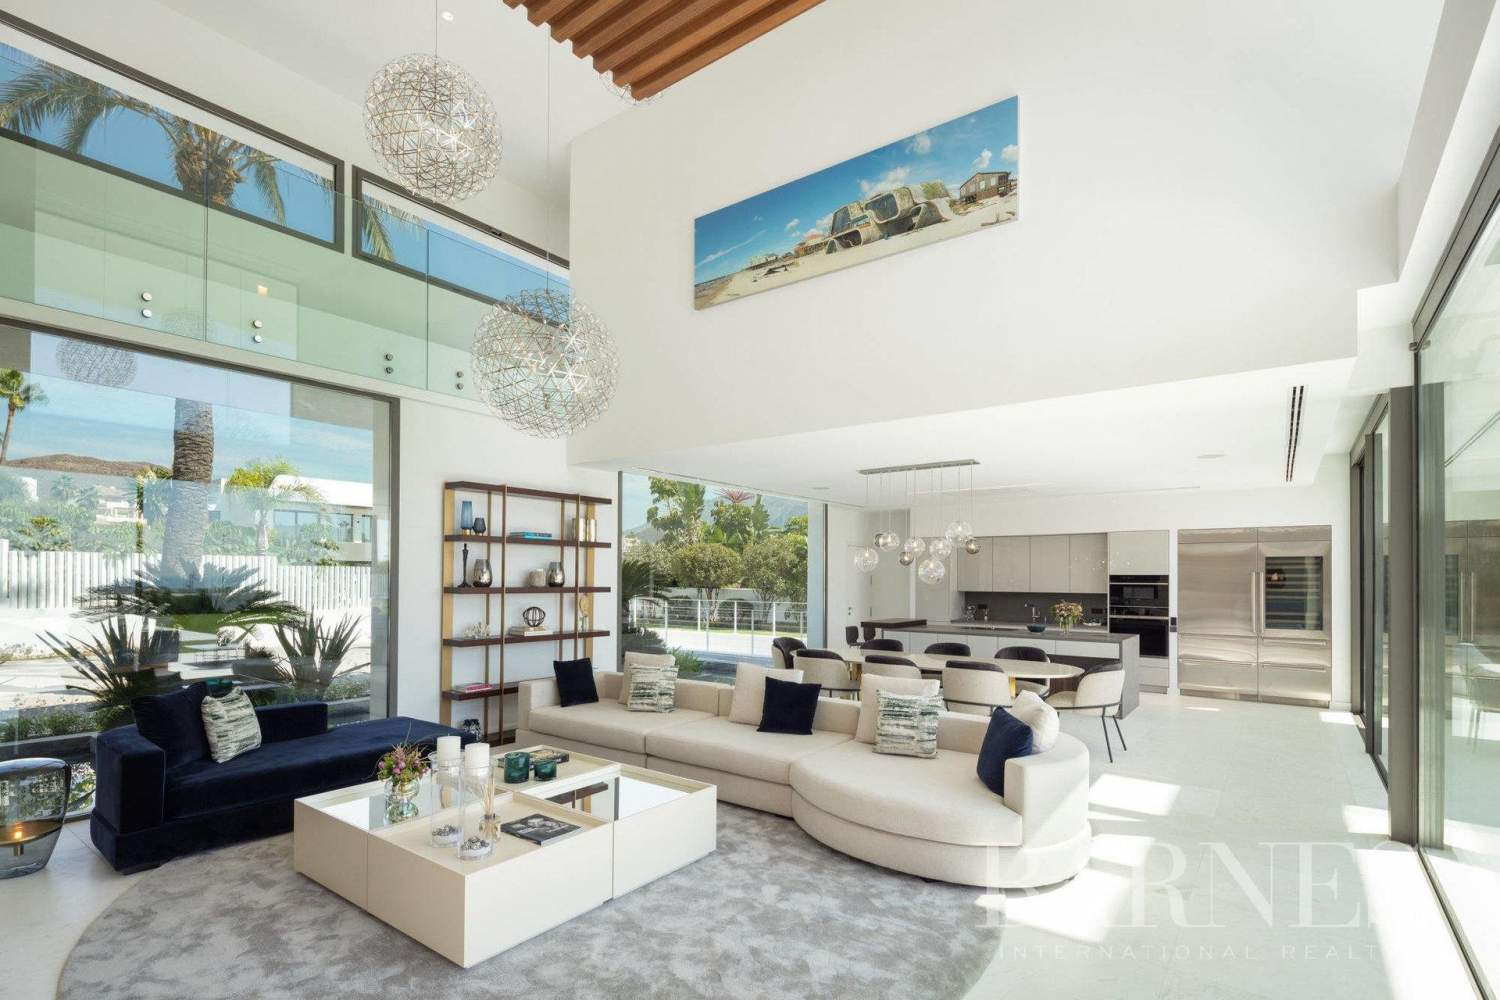 Nueva Andalucia  - Villa  6 Chambres - picture 12